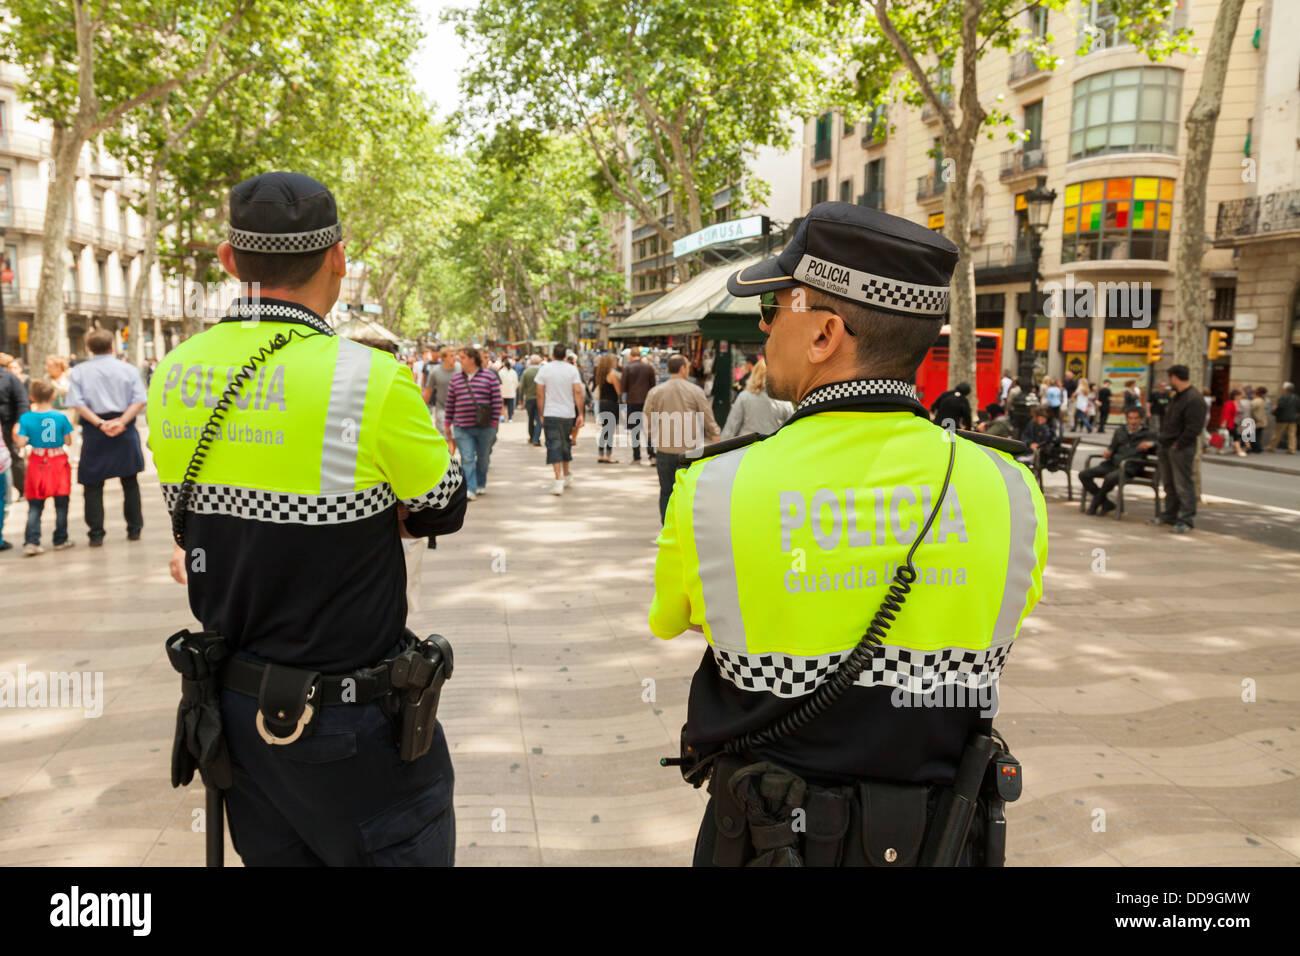 Zwei Guardia Urbana Polizisten Polizeiarbeit der La Rambla, Barcelona. Stockbild